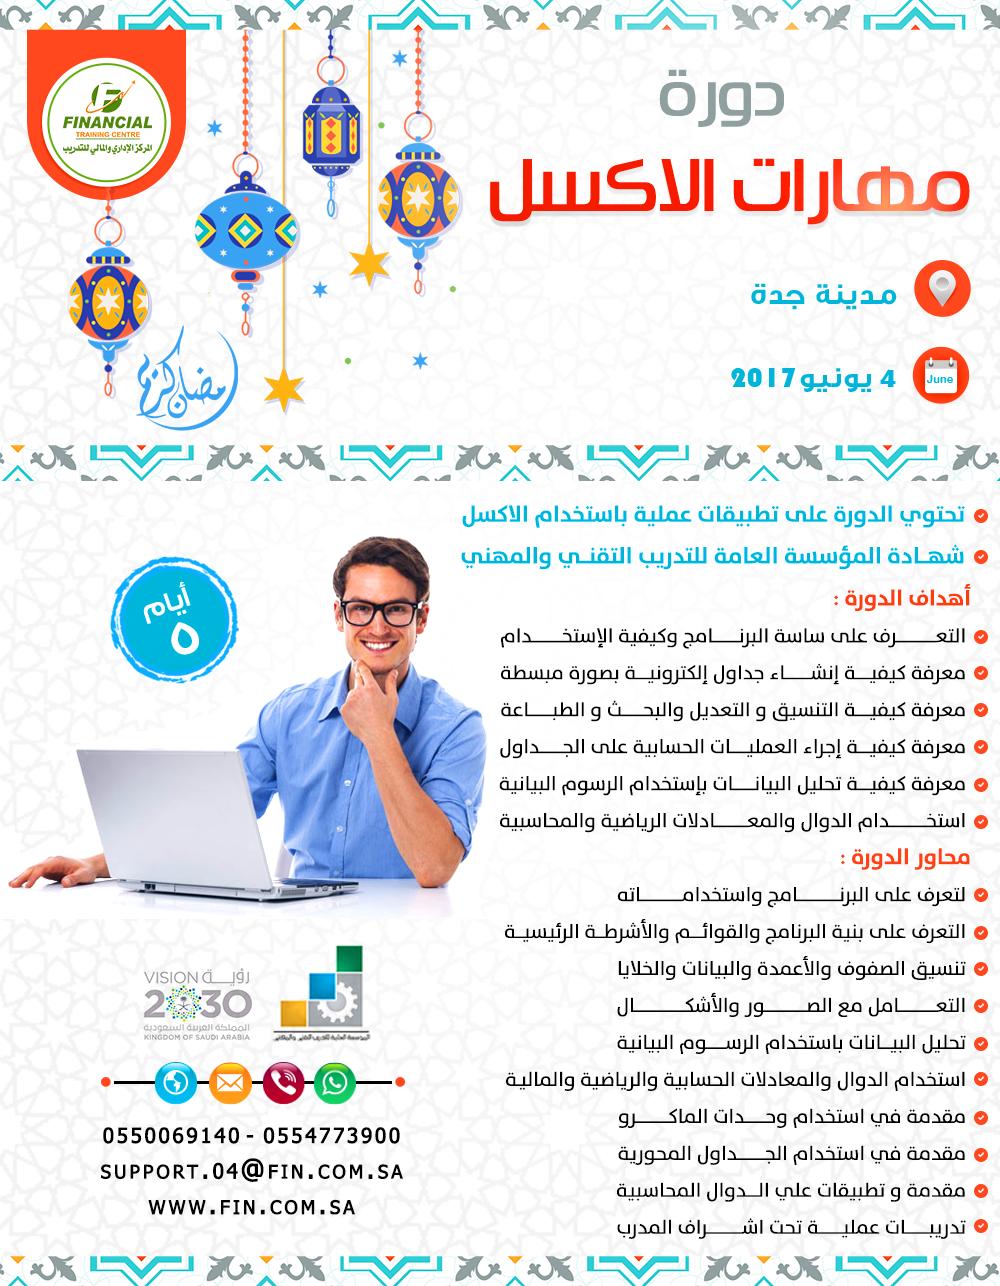 اتقن مايكروسوف Excel وتعرف على وظائفه الأكثر شيوعا و المستخدمة في الشركات والمنظمات مع دورة مهارات الإكسل Ms Excel Financial Alai Pincode